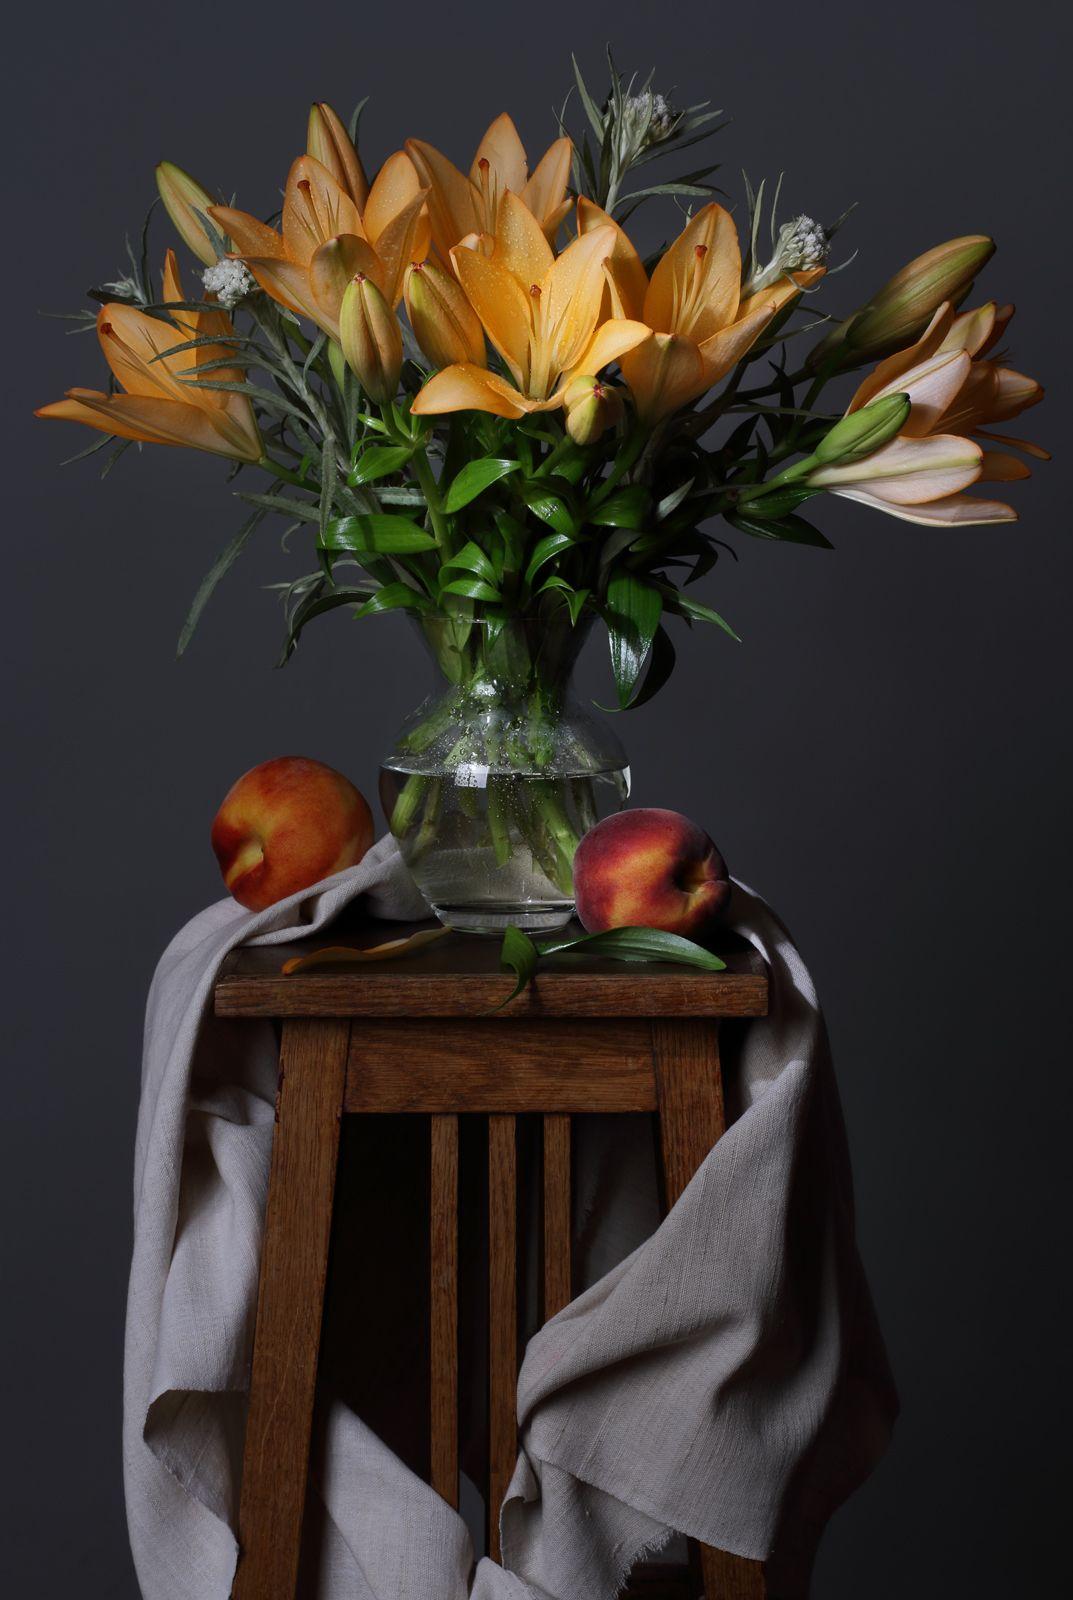 Лилии Лилии цветы букет натюрморт ваза лето персики фрукты урожай сезон флора дрепировка